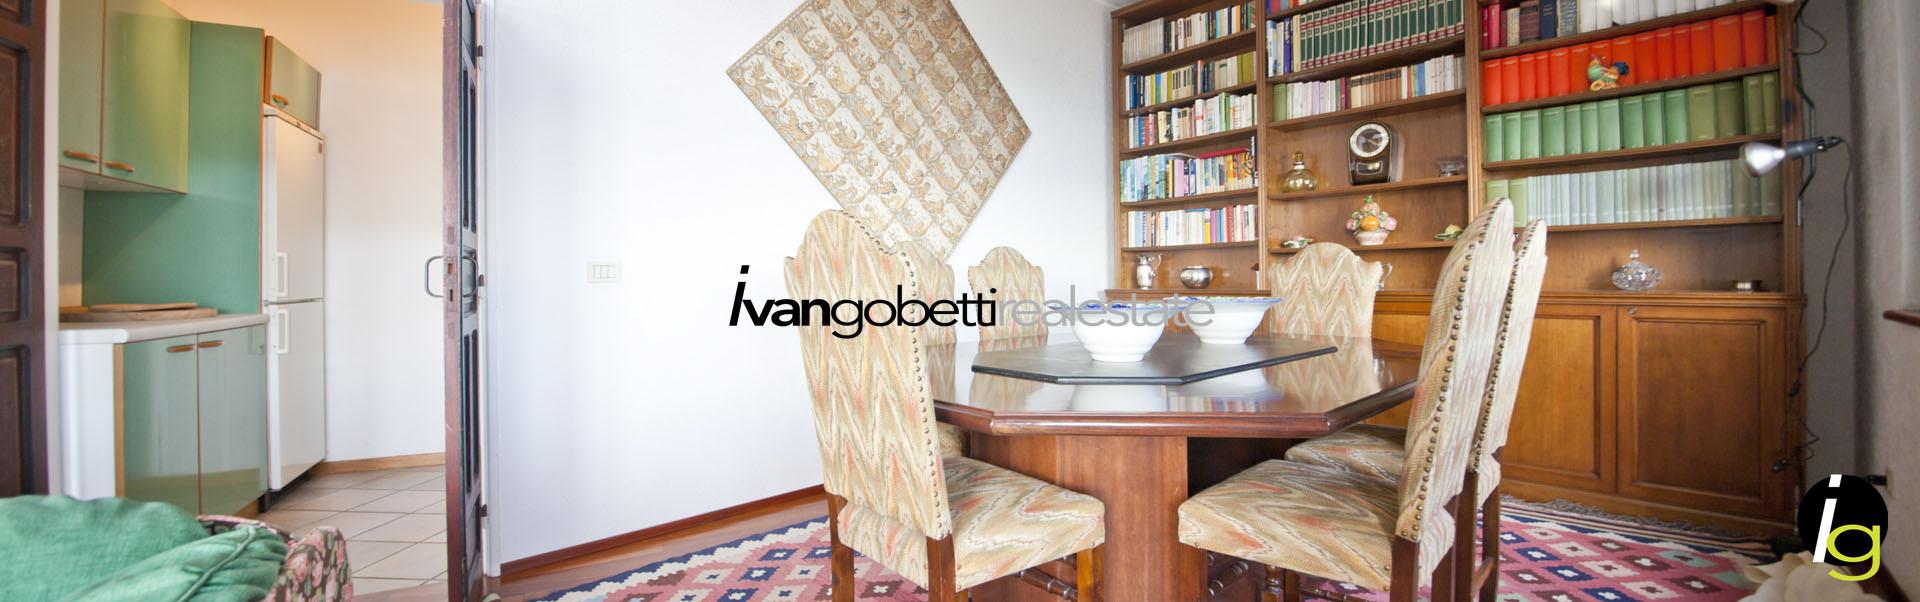 Villa moderna con meravigliosa vista Lago Maggiore